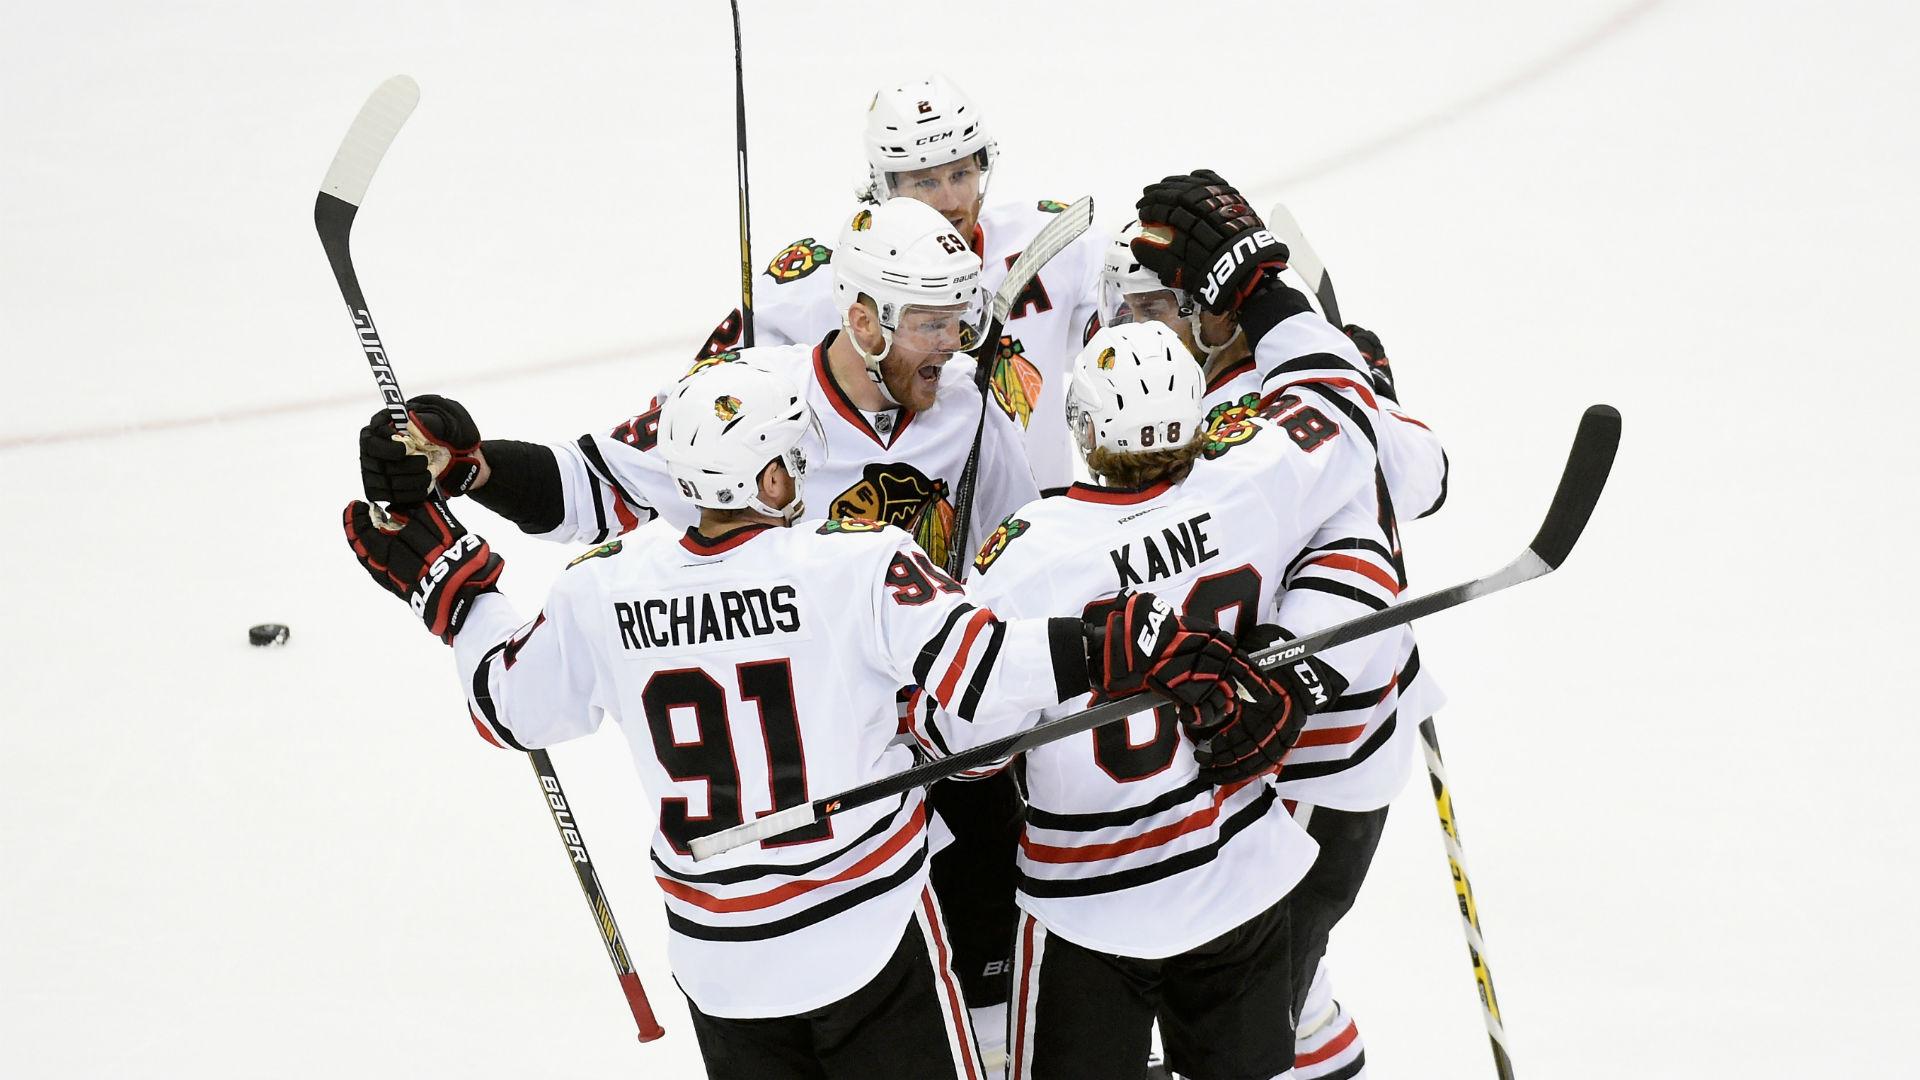 chicago-blackhawks-050815-getty-ftr-us.jpg